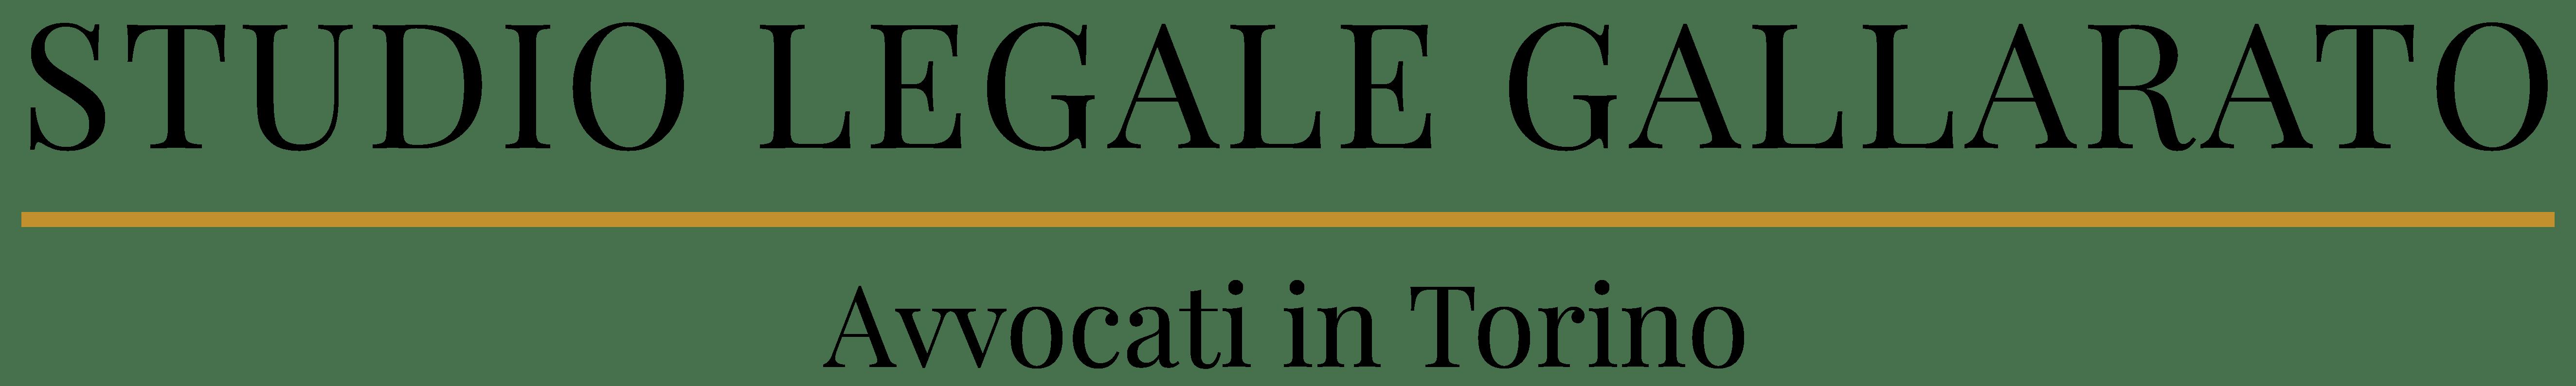 Studio Legale Gallarato